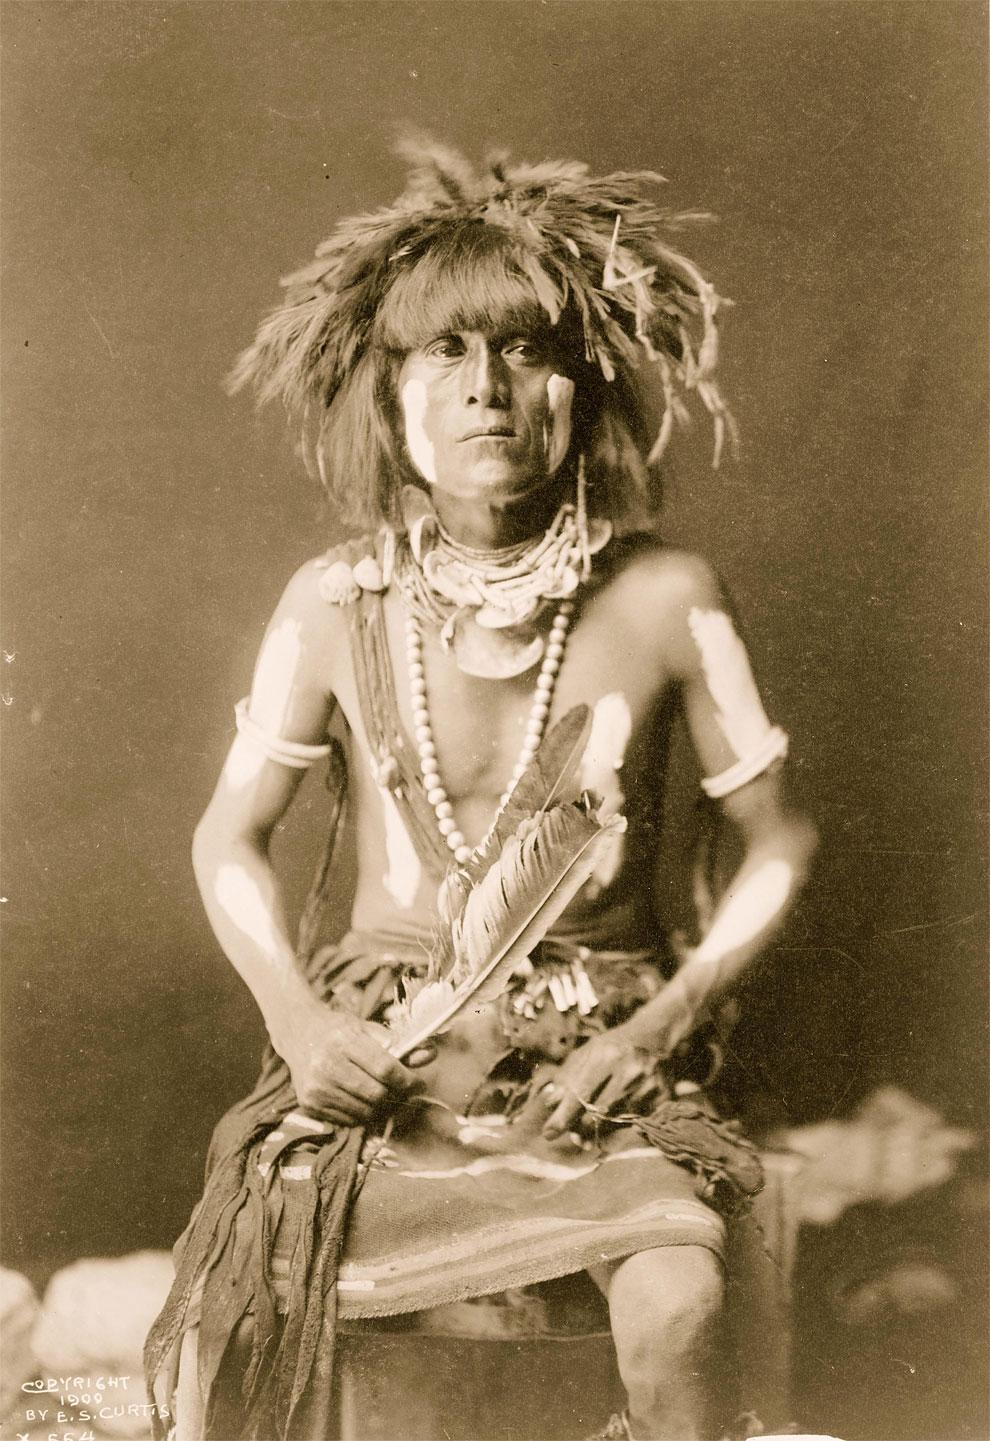 سرخپوستان آمریکا در دهه 1900